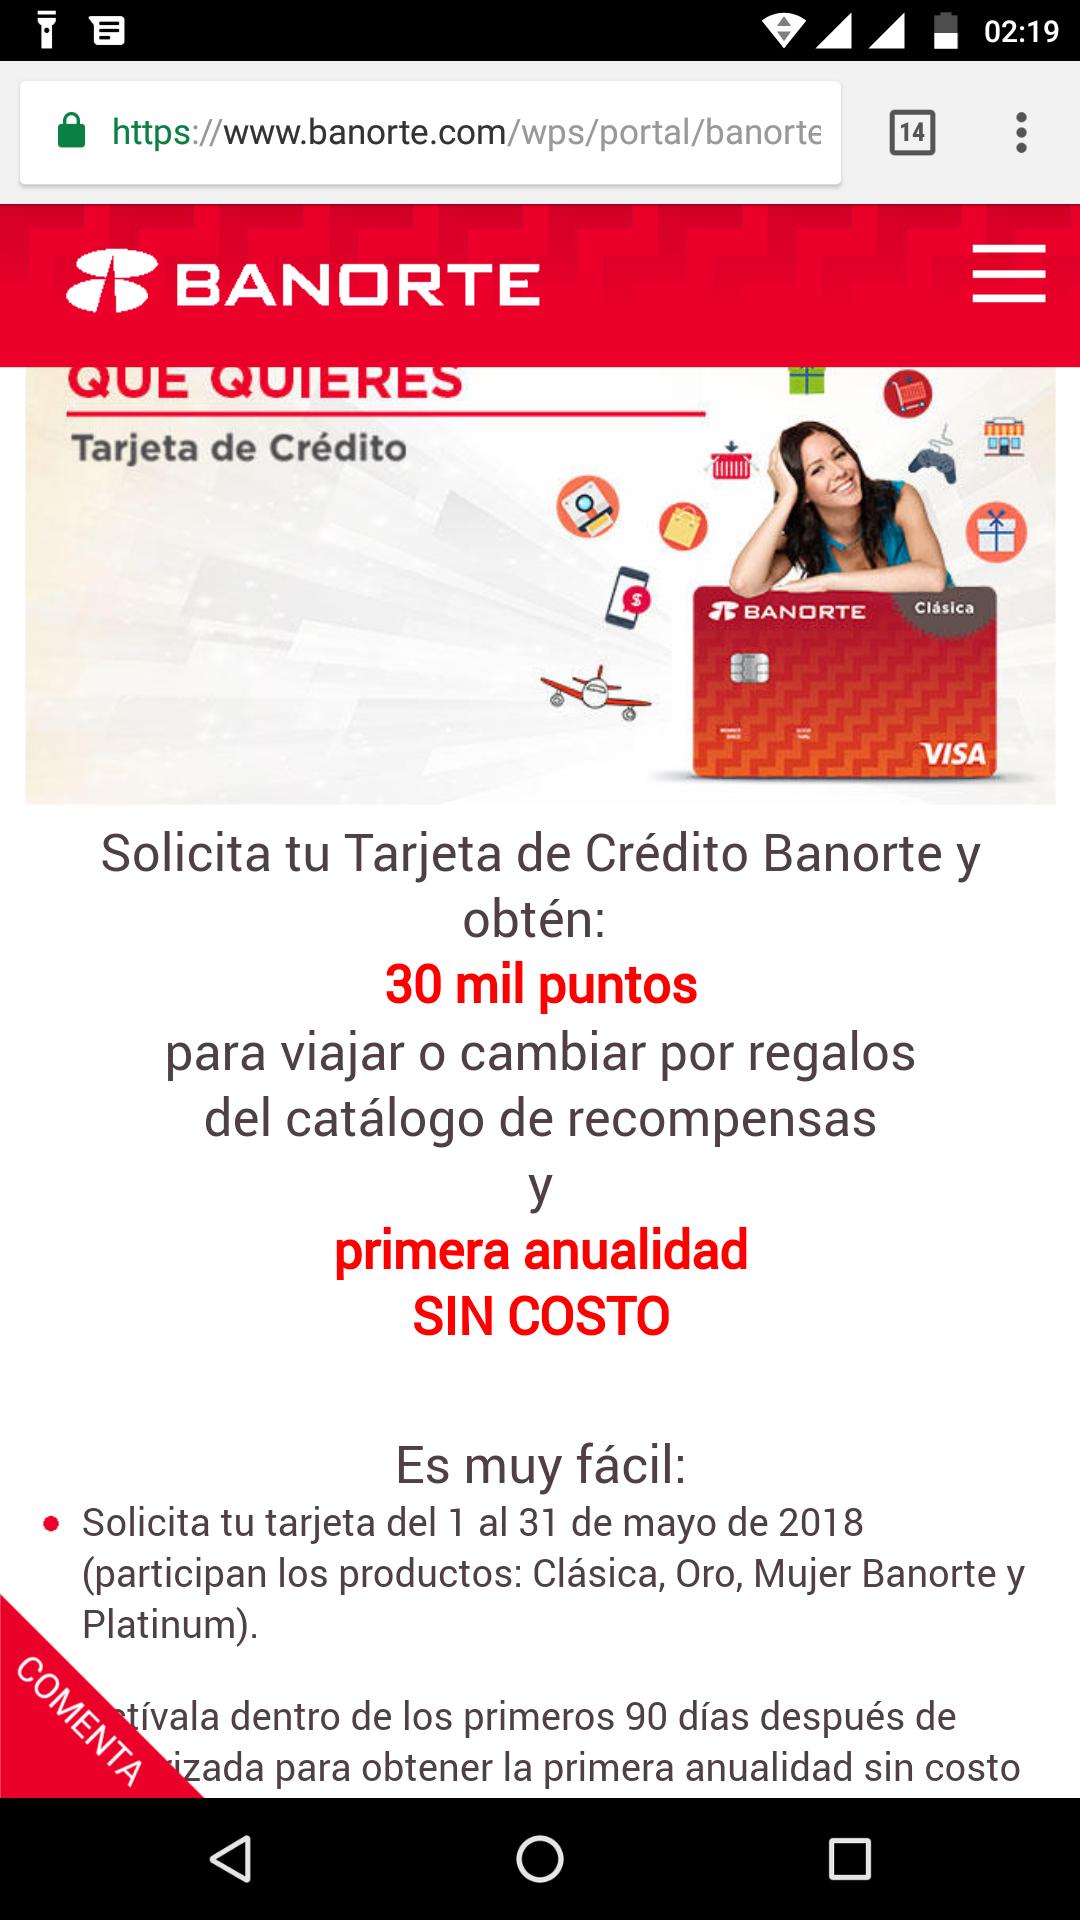 BANORTE: Solicita tu Tarjeta de Crédito Banorte y obtén: 30 mil puntos (equivalente casi a $2000 pesos!!!) + PRIMERA ANUALIDAD SIN COSTO.